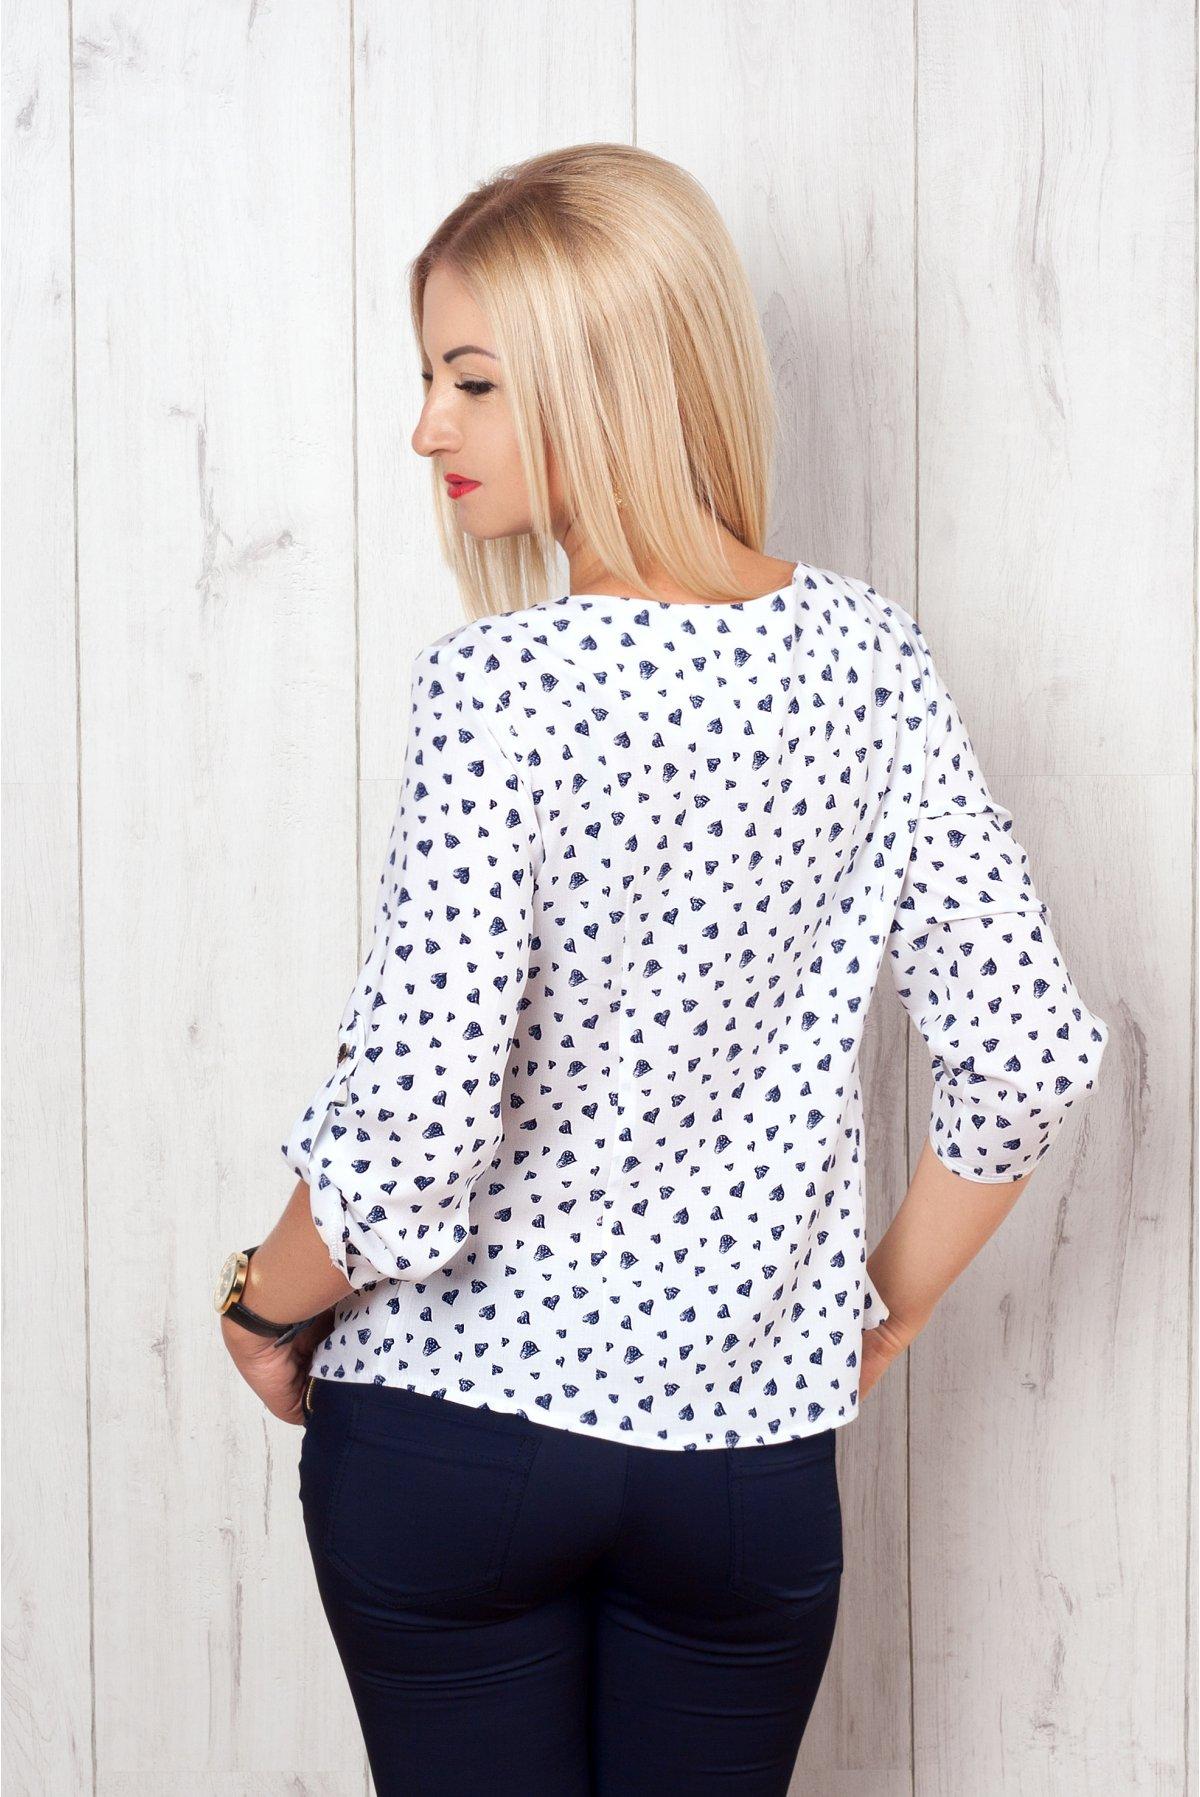 Купить Женскую Блузку Недорого